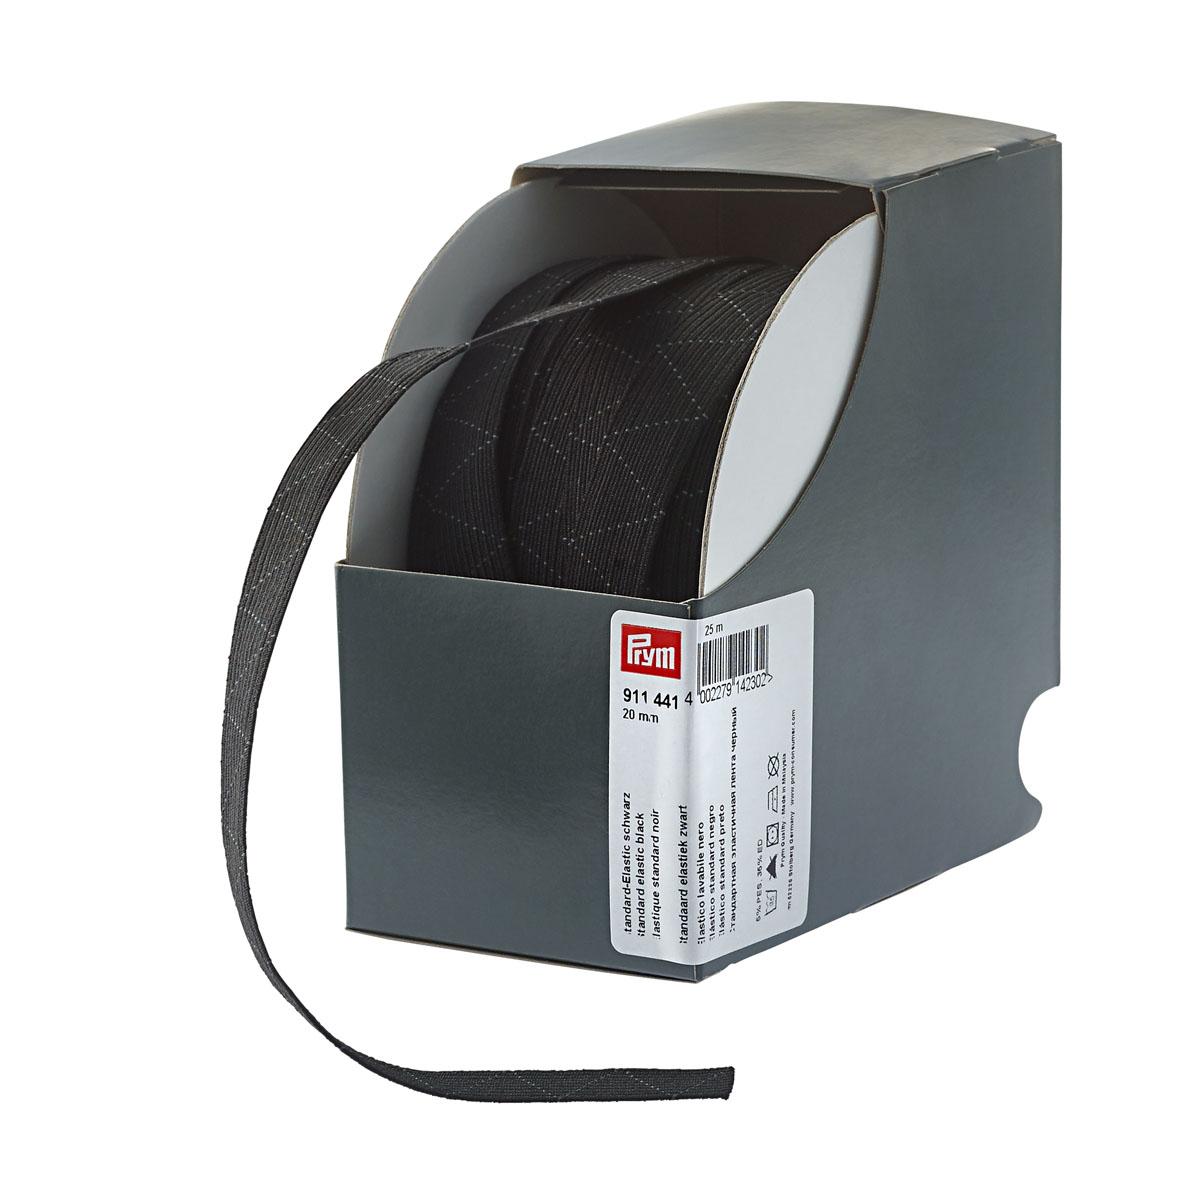 911441 Стандартная эластичная лента плетеная 20 мм*25м черный цв. Prym